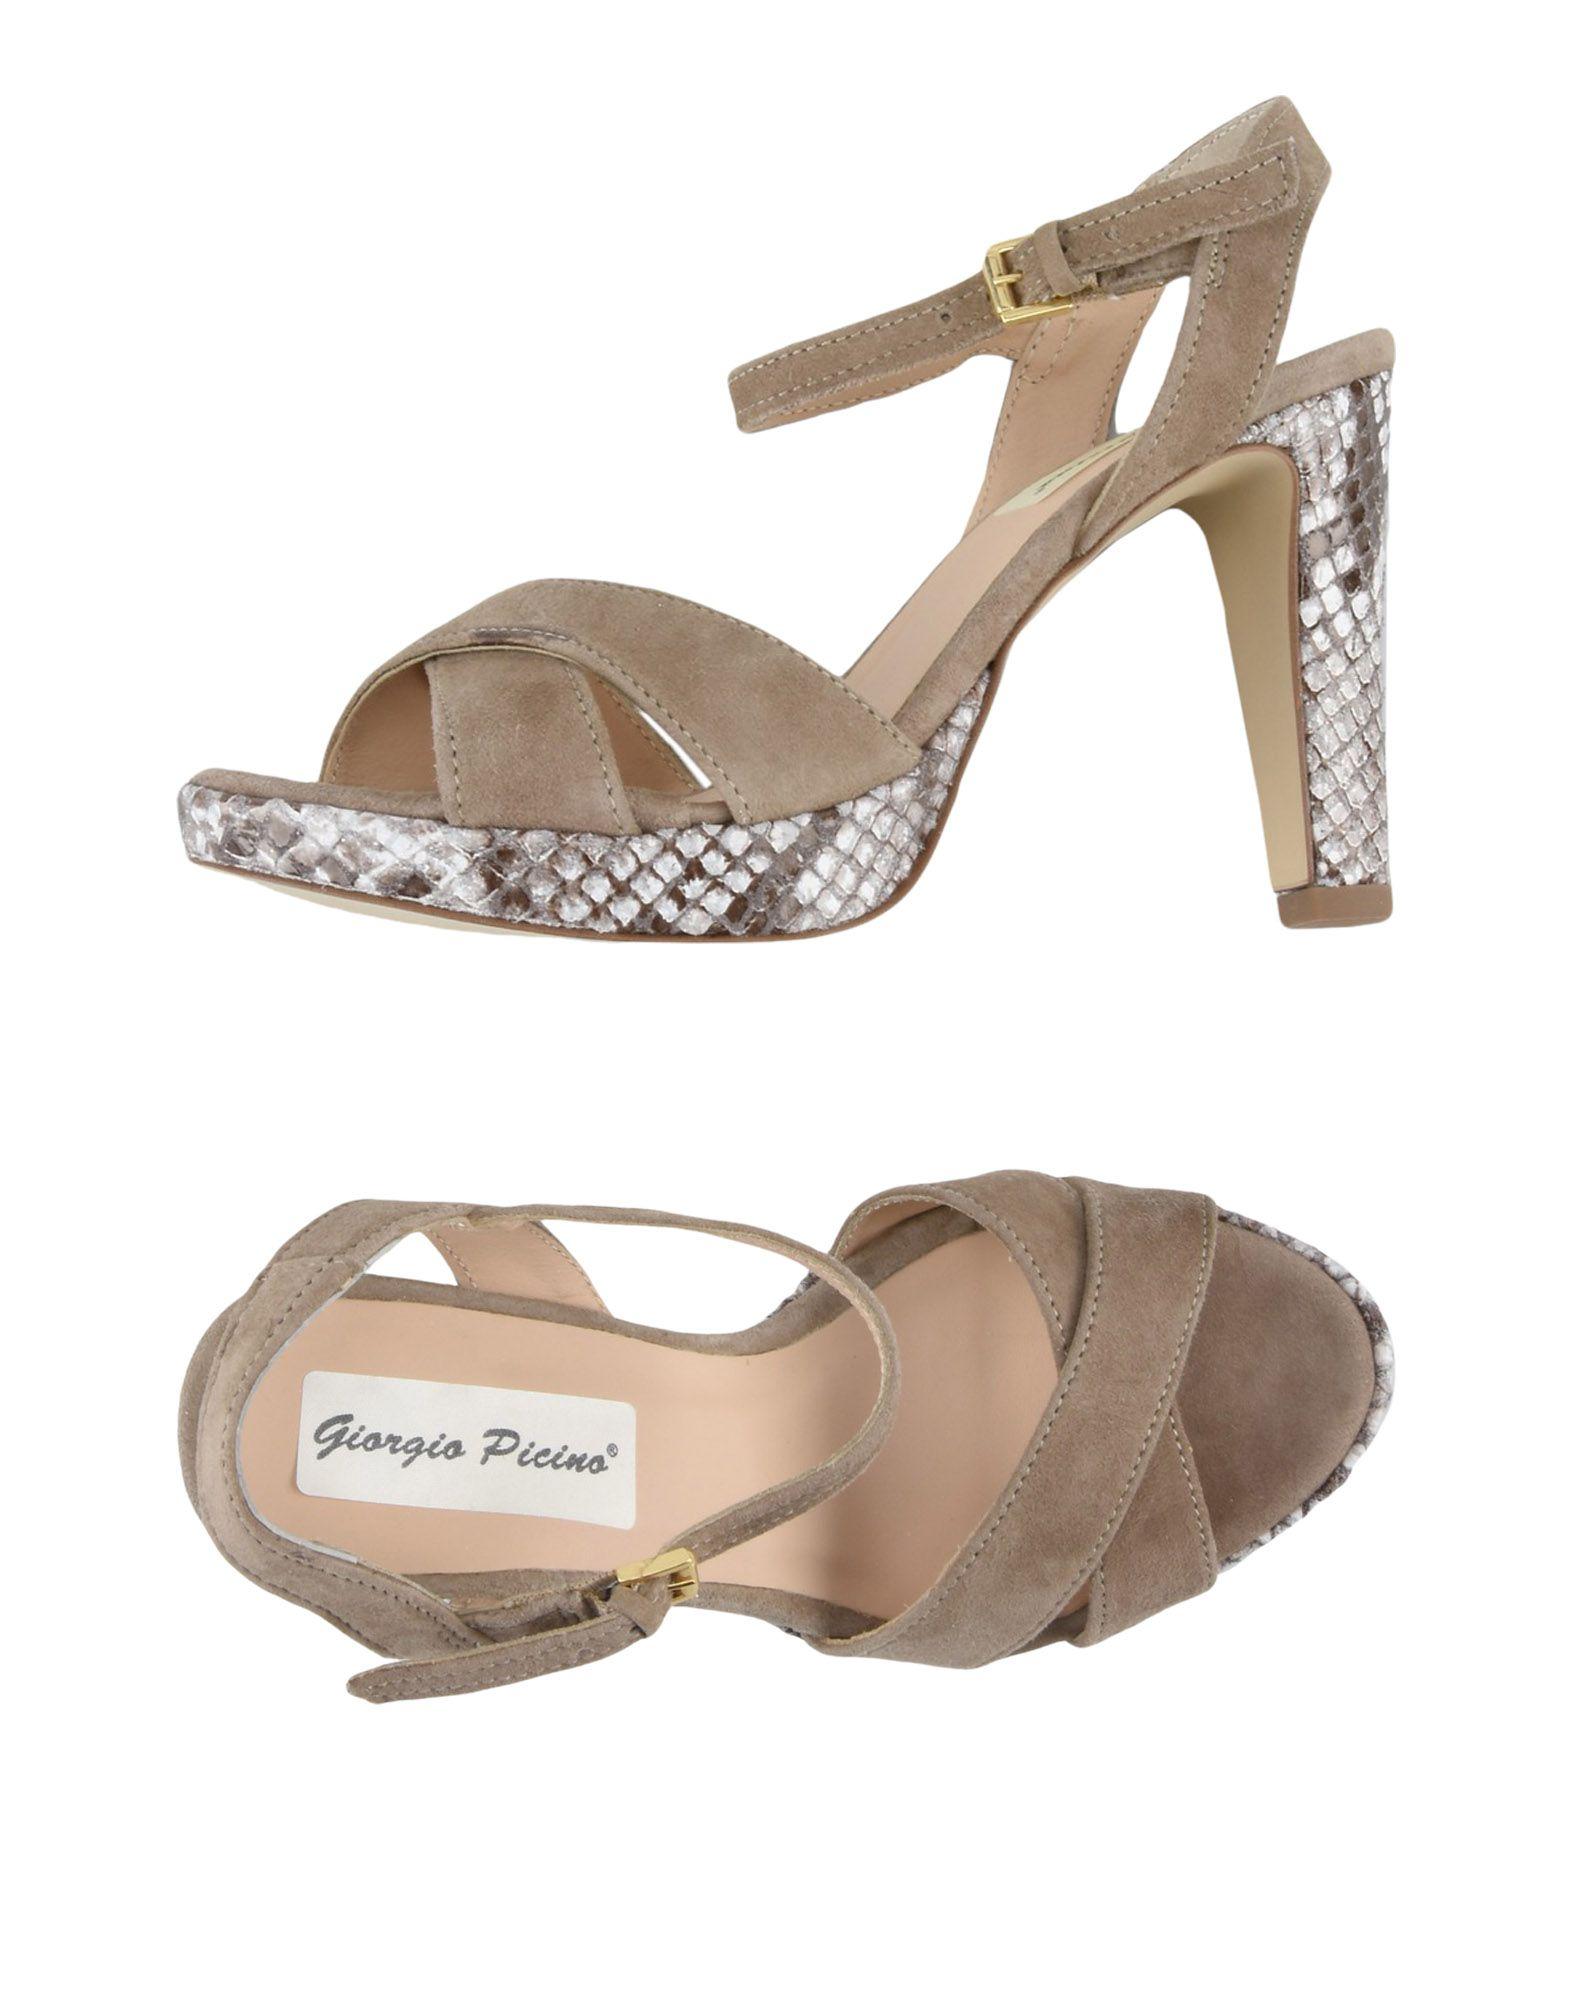 Sandales Giorgio Picino Femme - Sandales Giorgio Picino sur